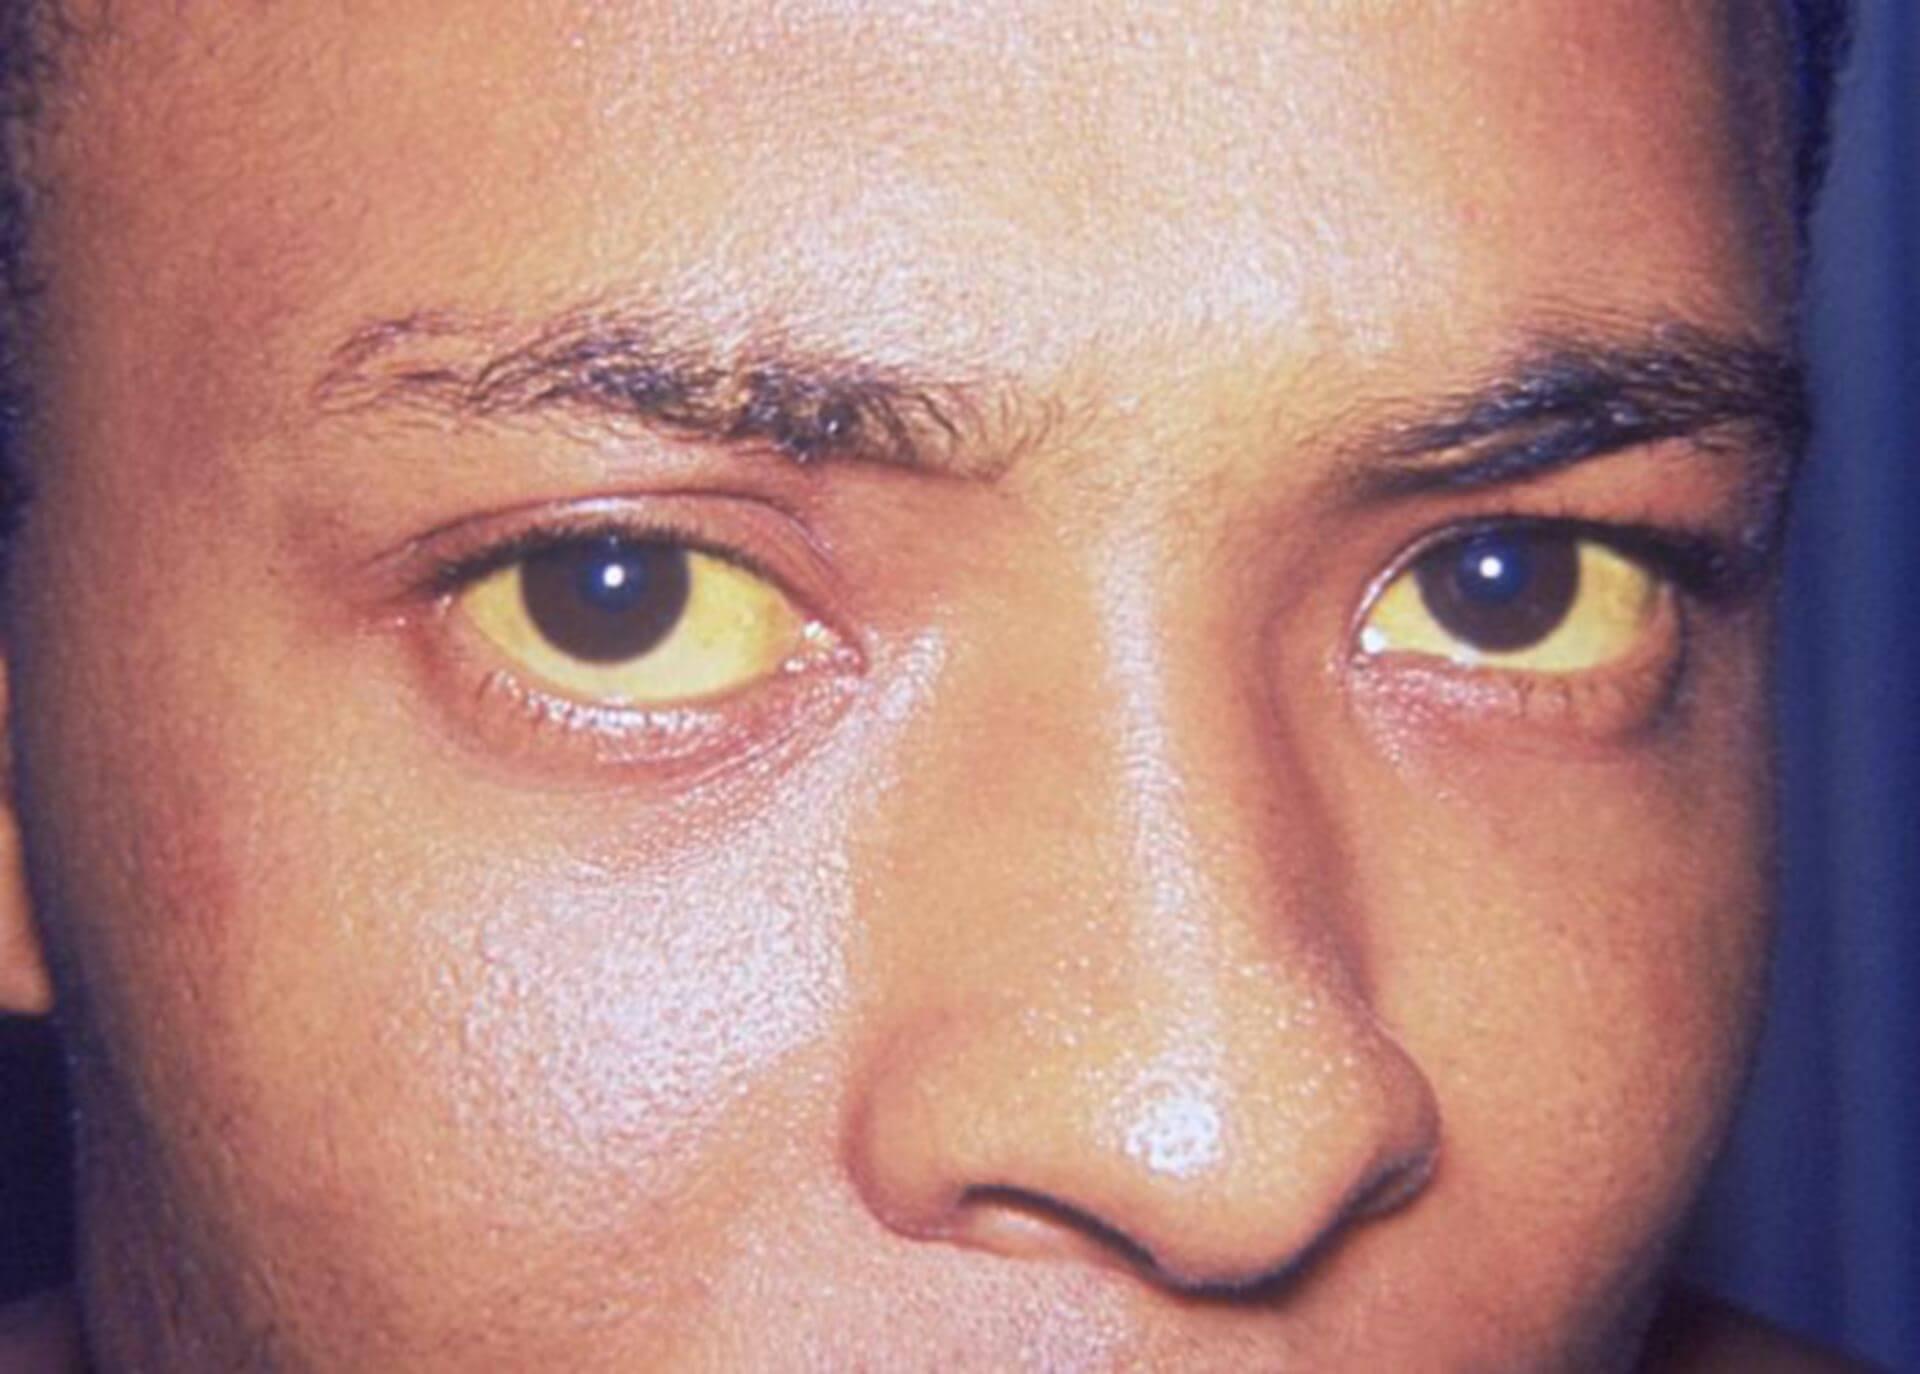 Ikterus (Jaundice Eyes)